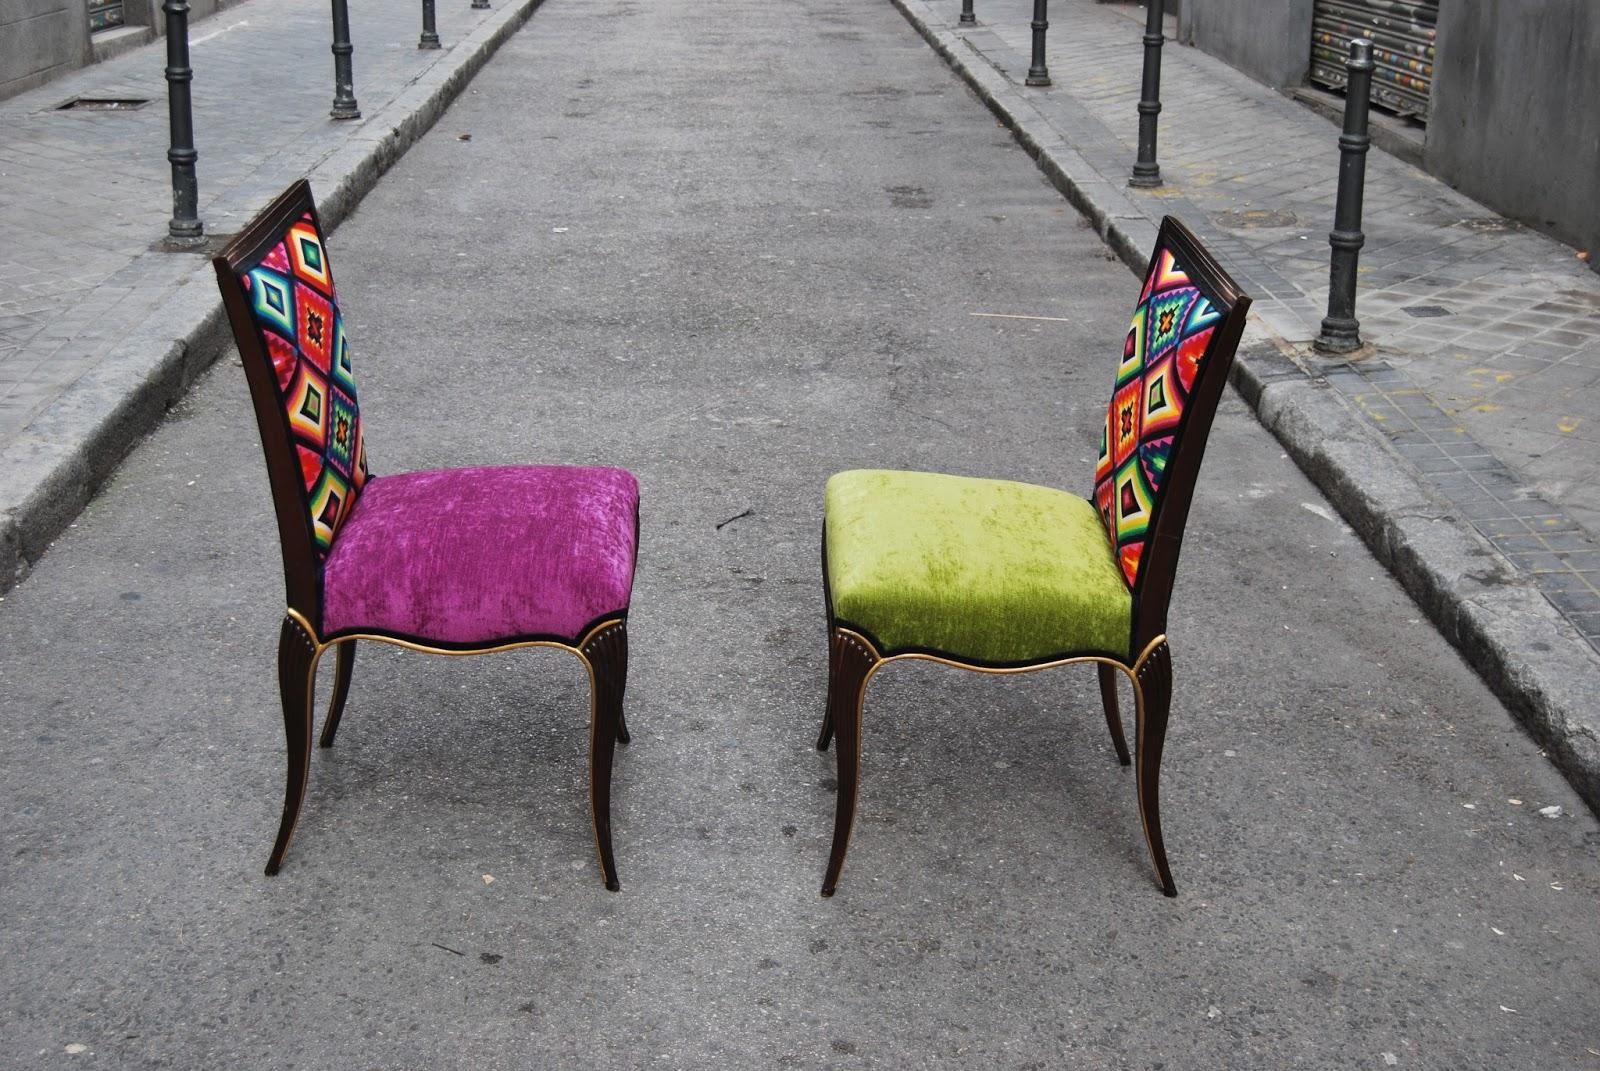 Sillas tapizadas con tela de motivos mejicanos la tapicera - Sillas provenzal tapizadas ...